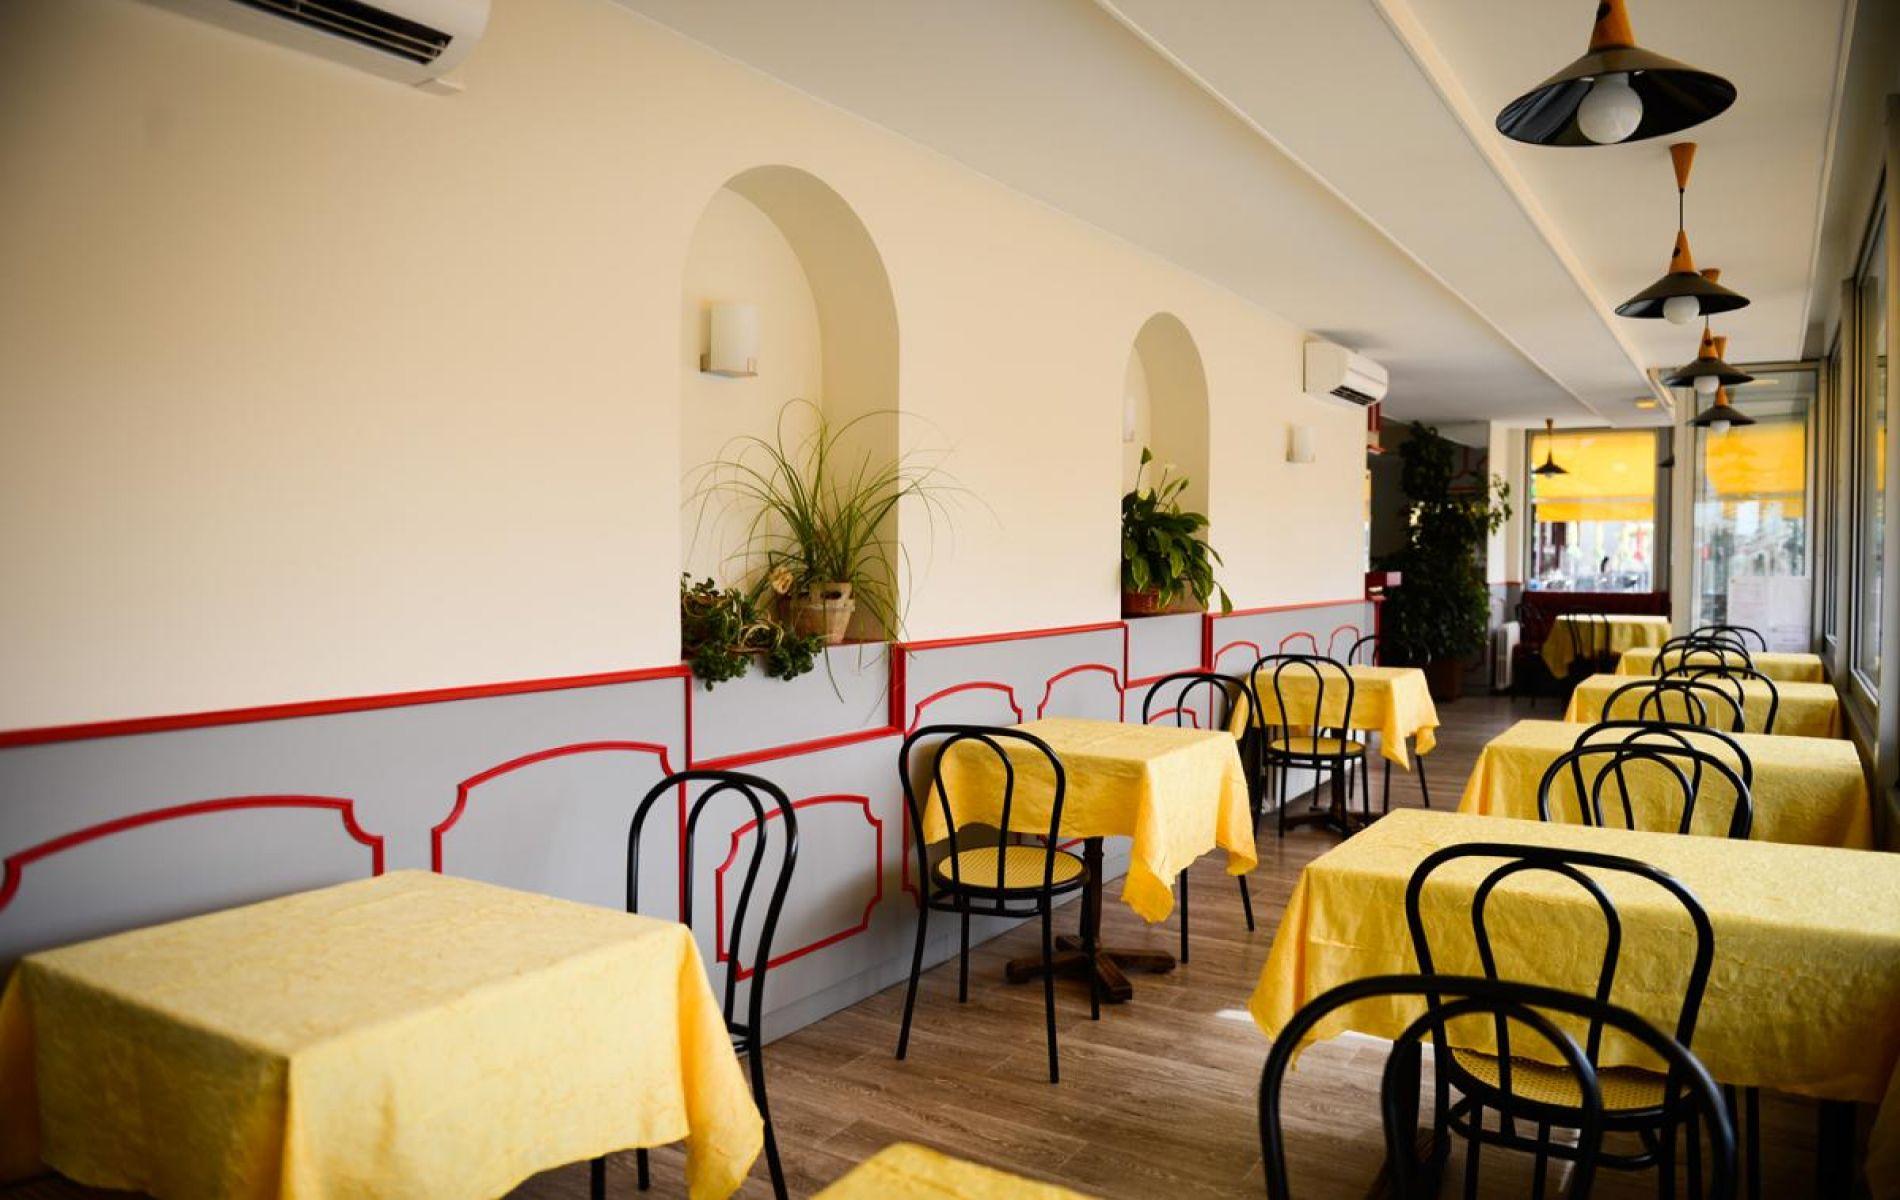 Restaurant Alencon Ouvert Le Dimanche Soir